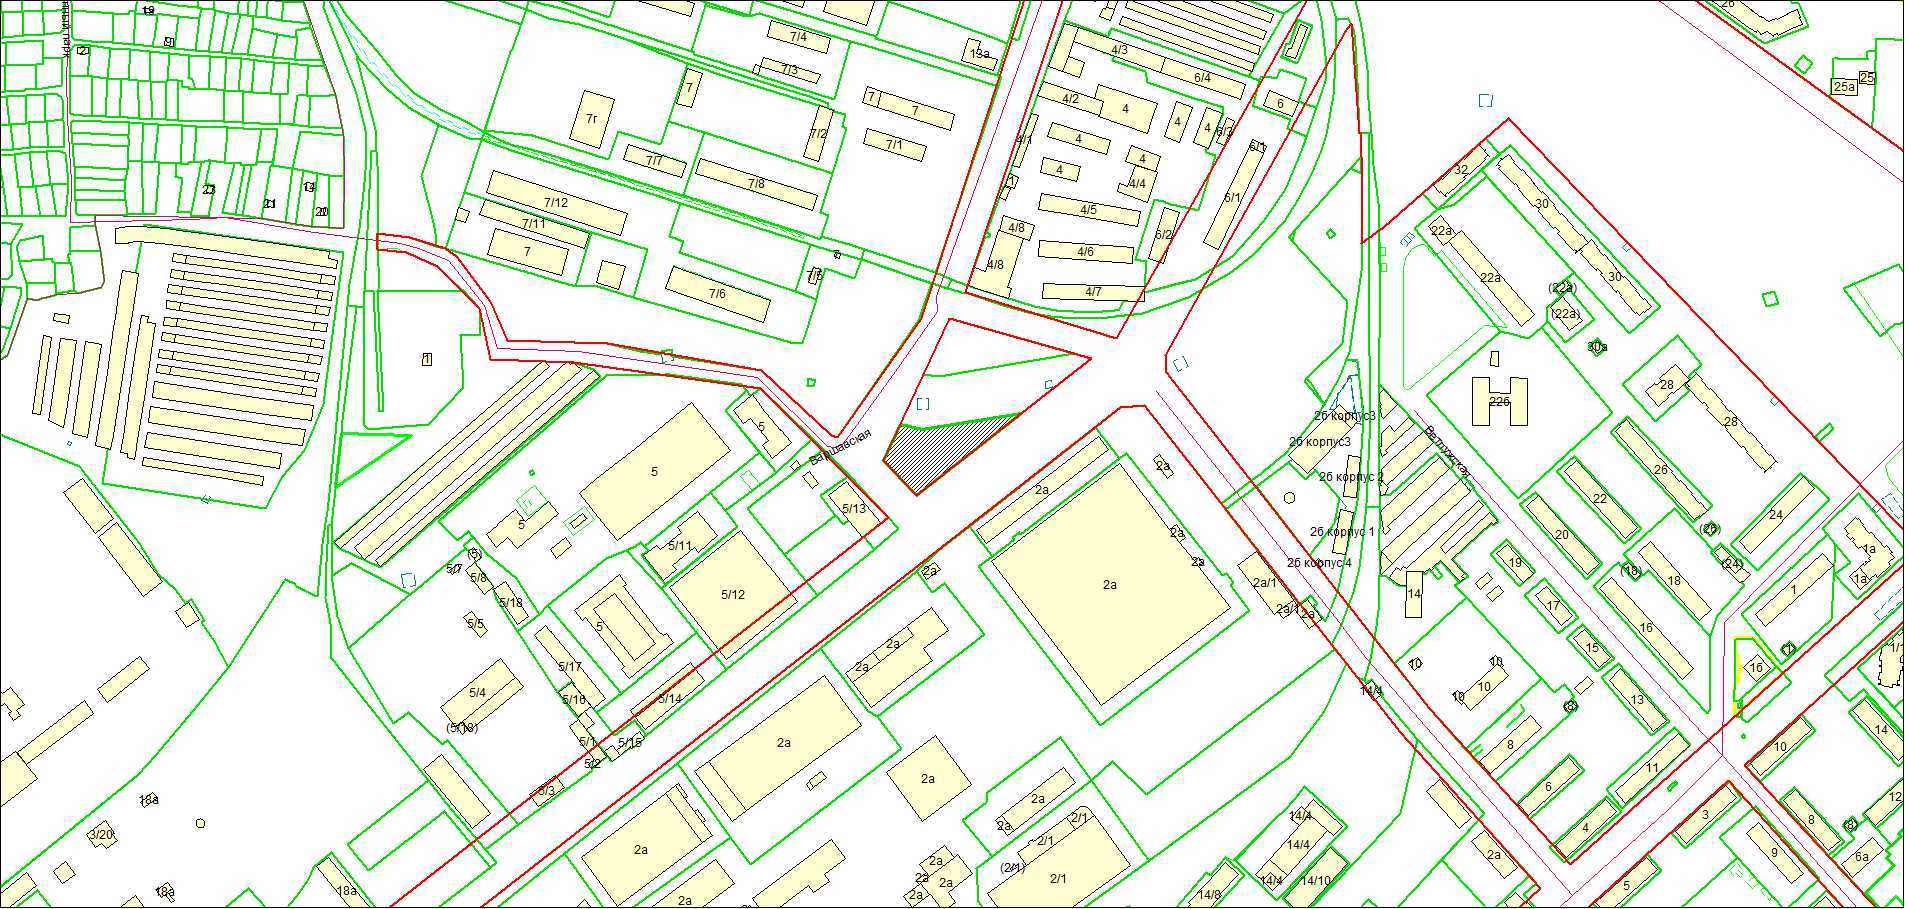 Схема расположения земельного участка площадью 3087 кв. м по адресу: ул. Варшавская, Советский район